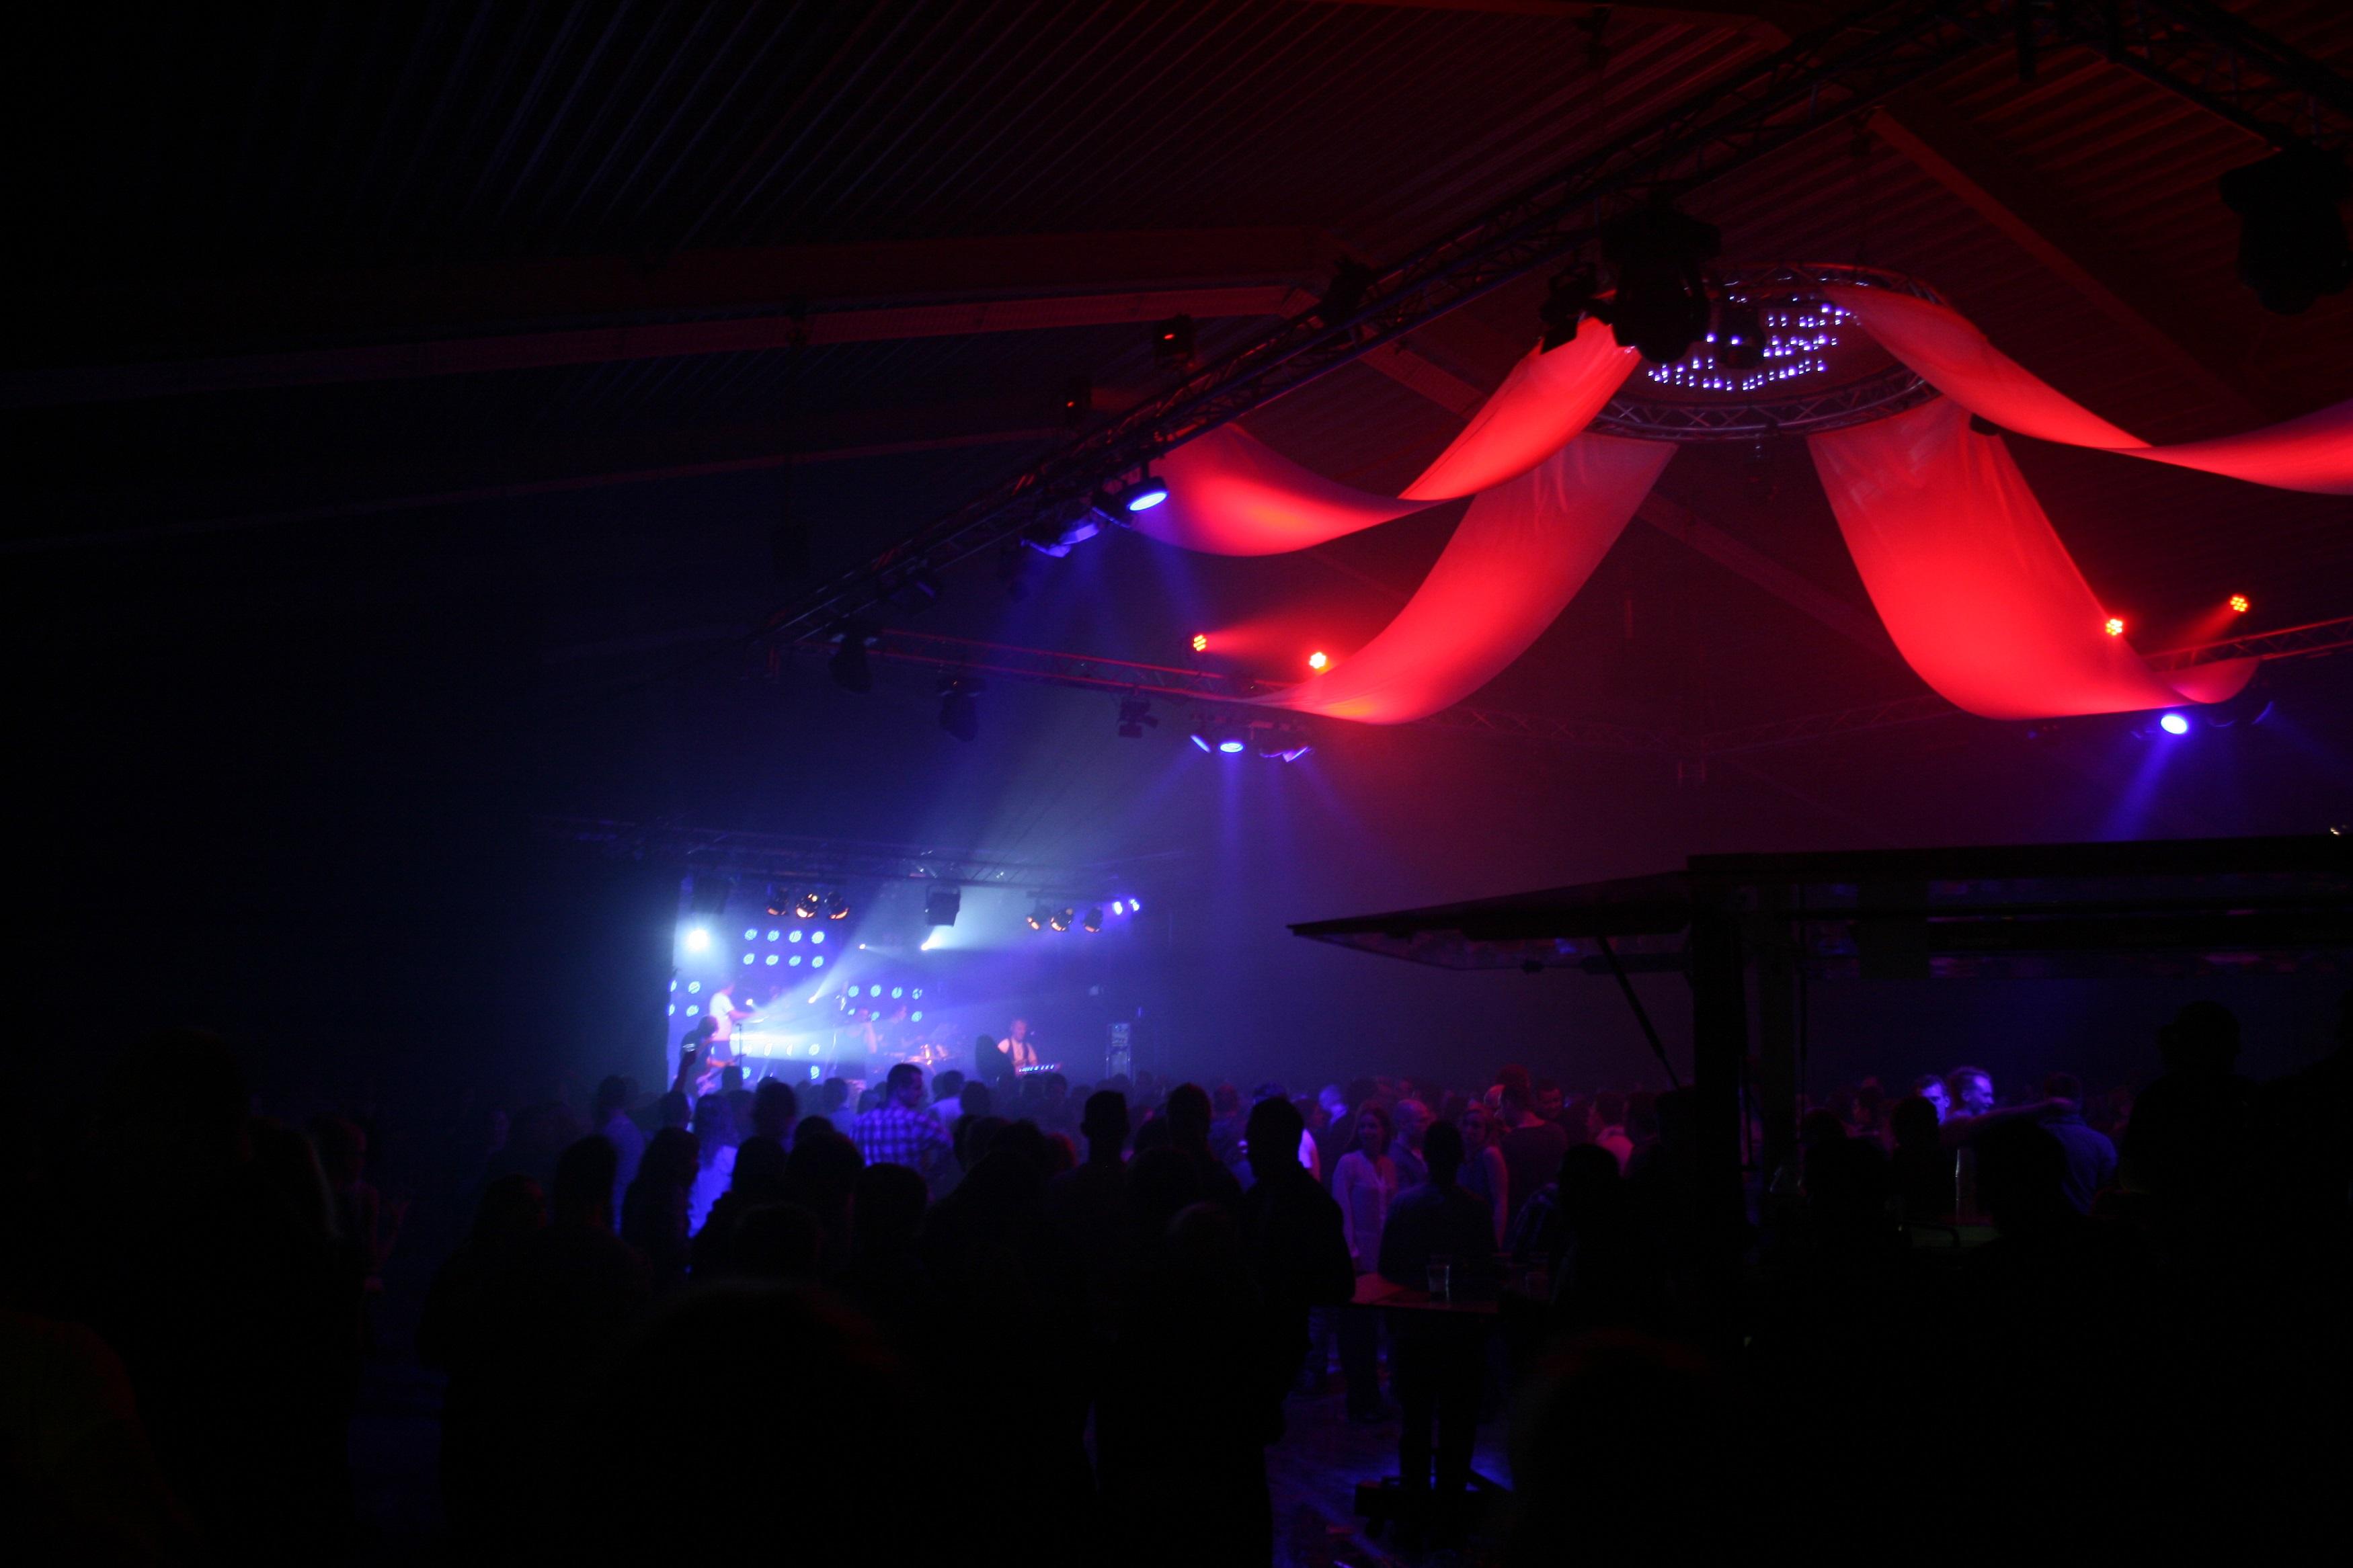 Van tennisbaan naar feestzaal. Oud en nieuwfeest 2014 Coevorden met band Melrose.